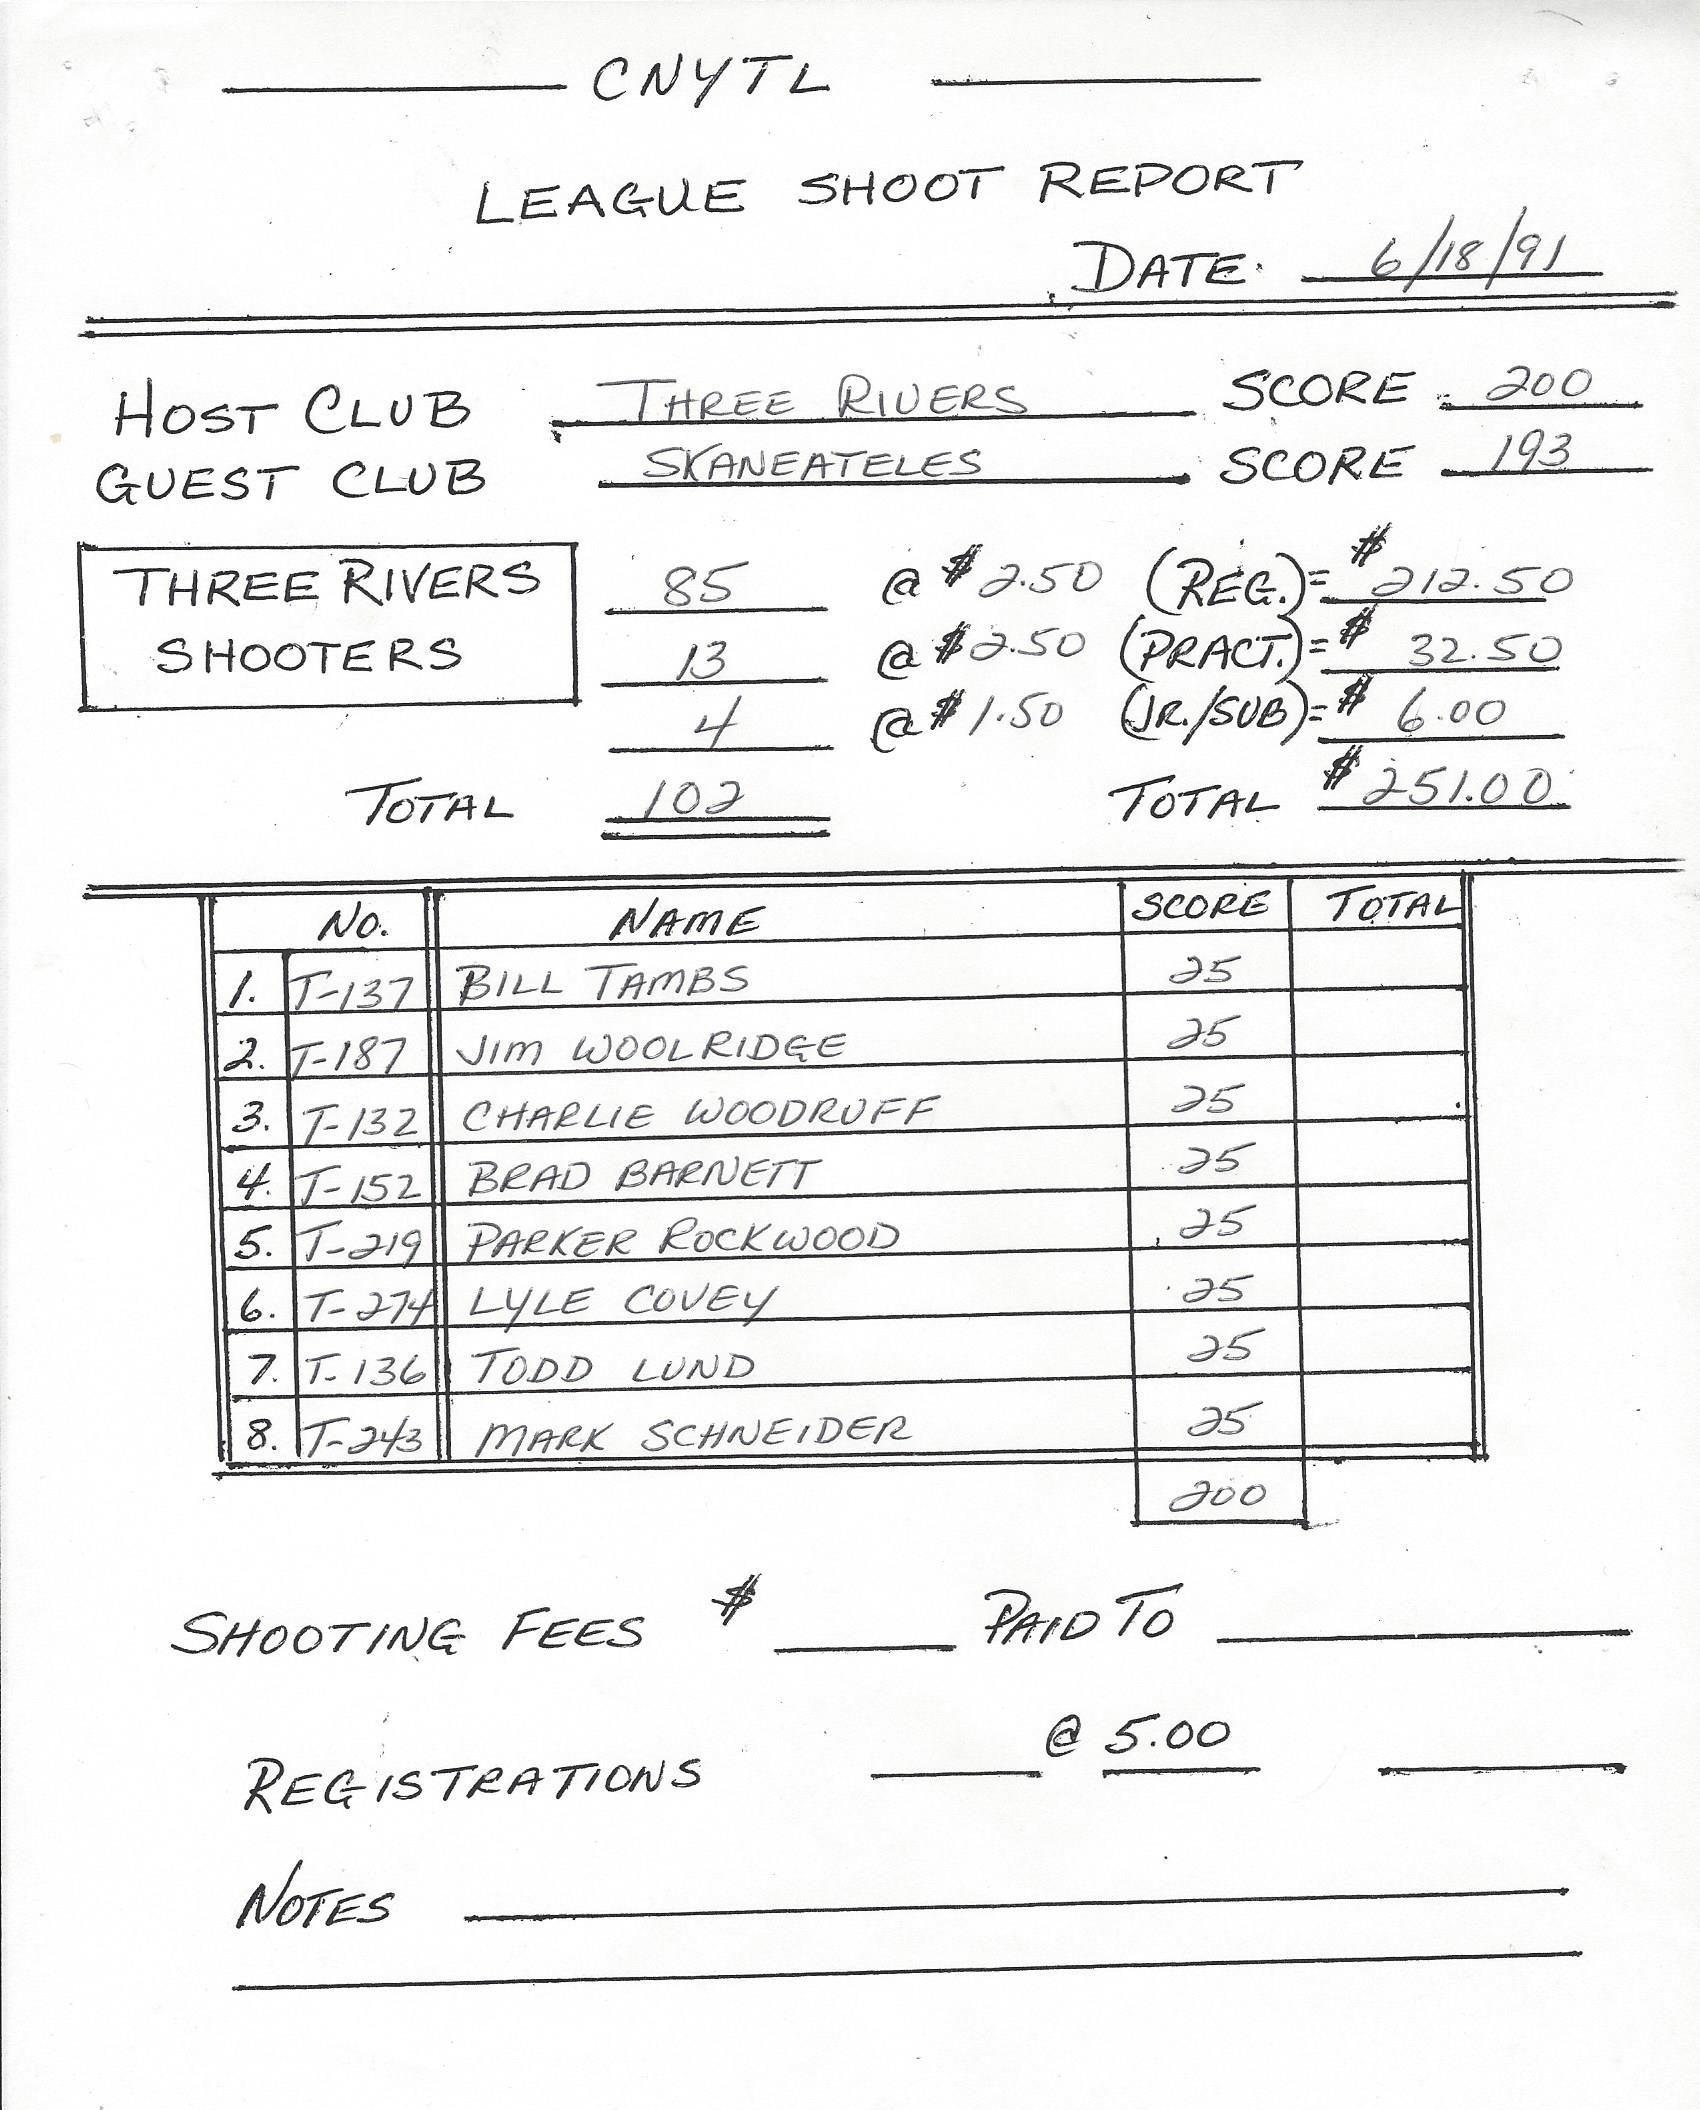 CNYTL JUNE 18 1991 3R VS SK